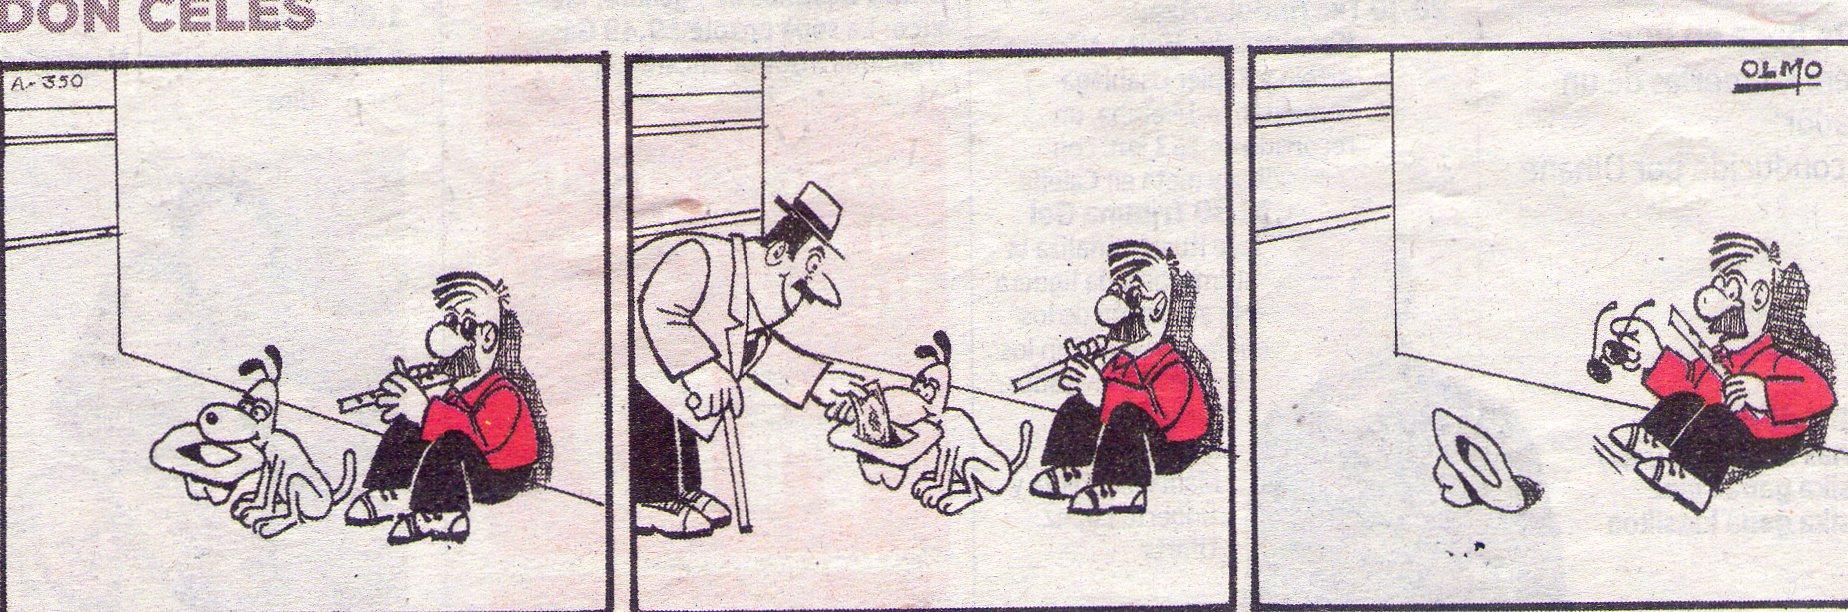 Don Celes intenta engañar pero el perro es mas listo